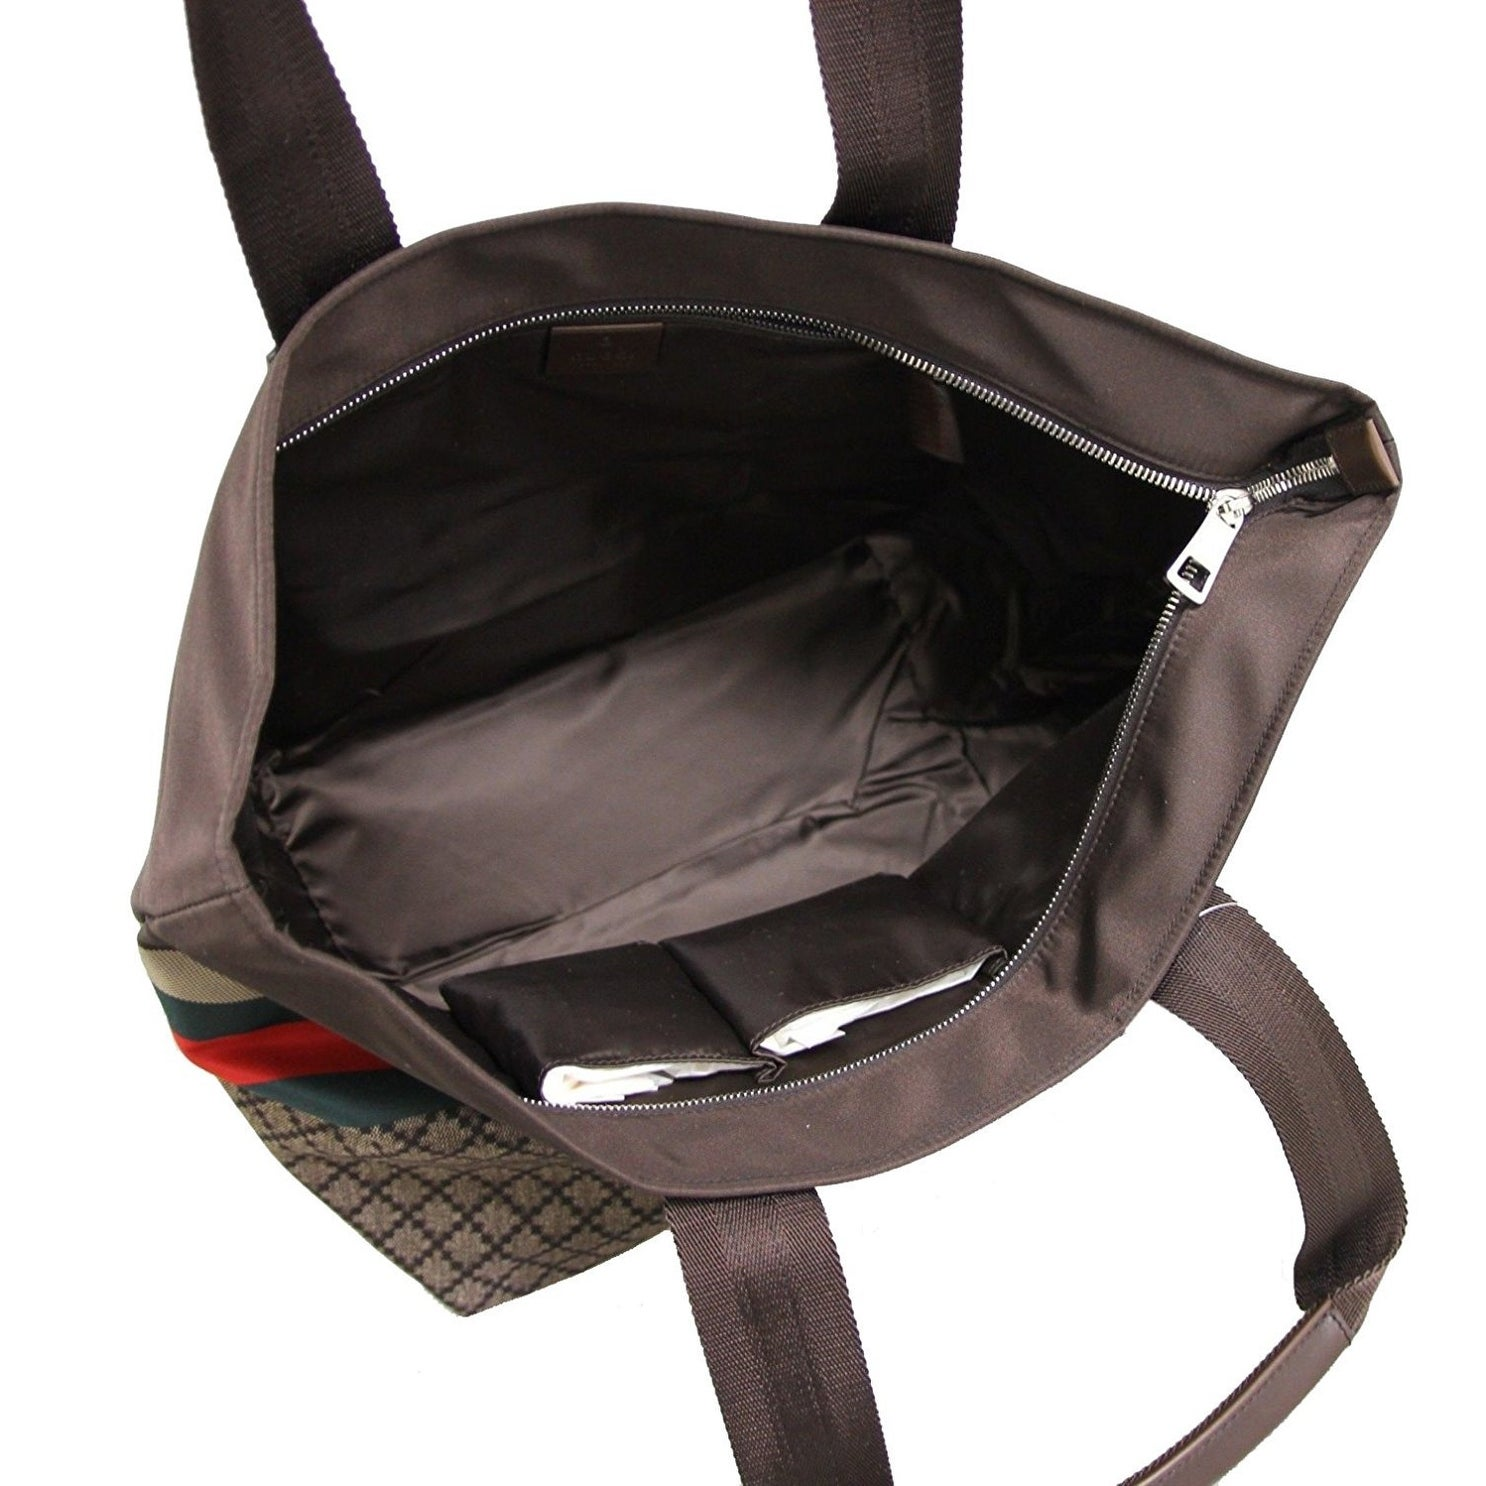 f135cf6e1e5b78 Shop Gucci Unisex Brown Nylon Diamante Travel Tote Handbag 267922 8636 - One  size - Free Shipping Today - Overstock - 27603159